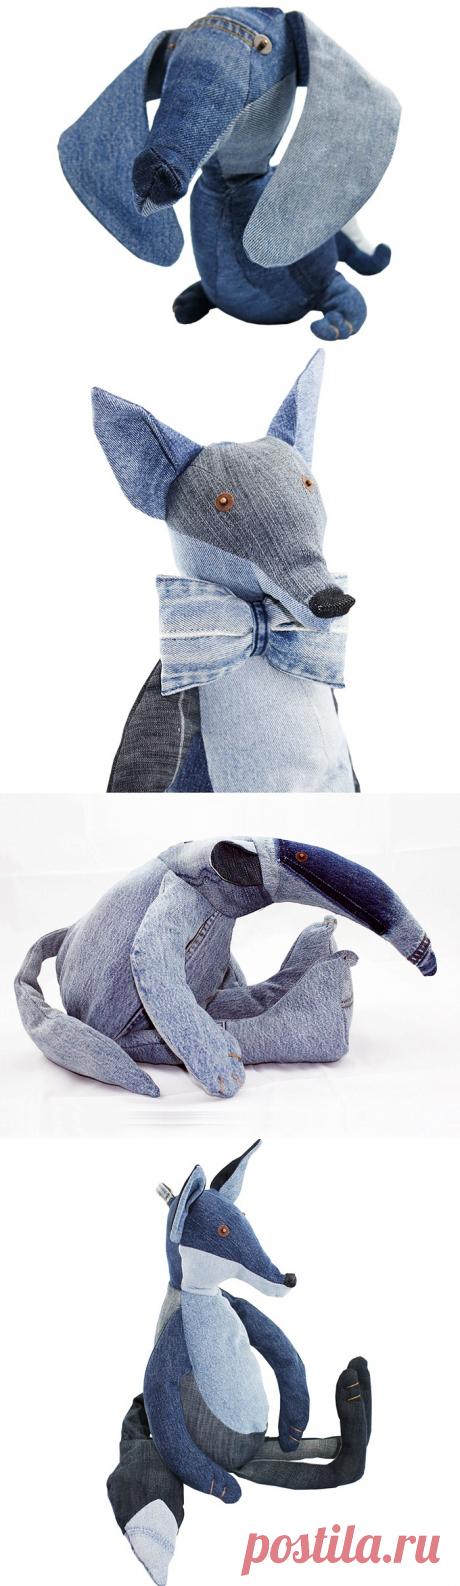 Зверушки из джинсов от Maison Indigo / Переделка джинсов / ВТОРАЯ УЛИЦА